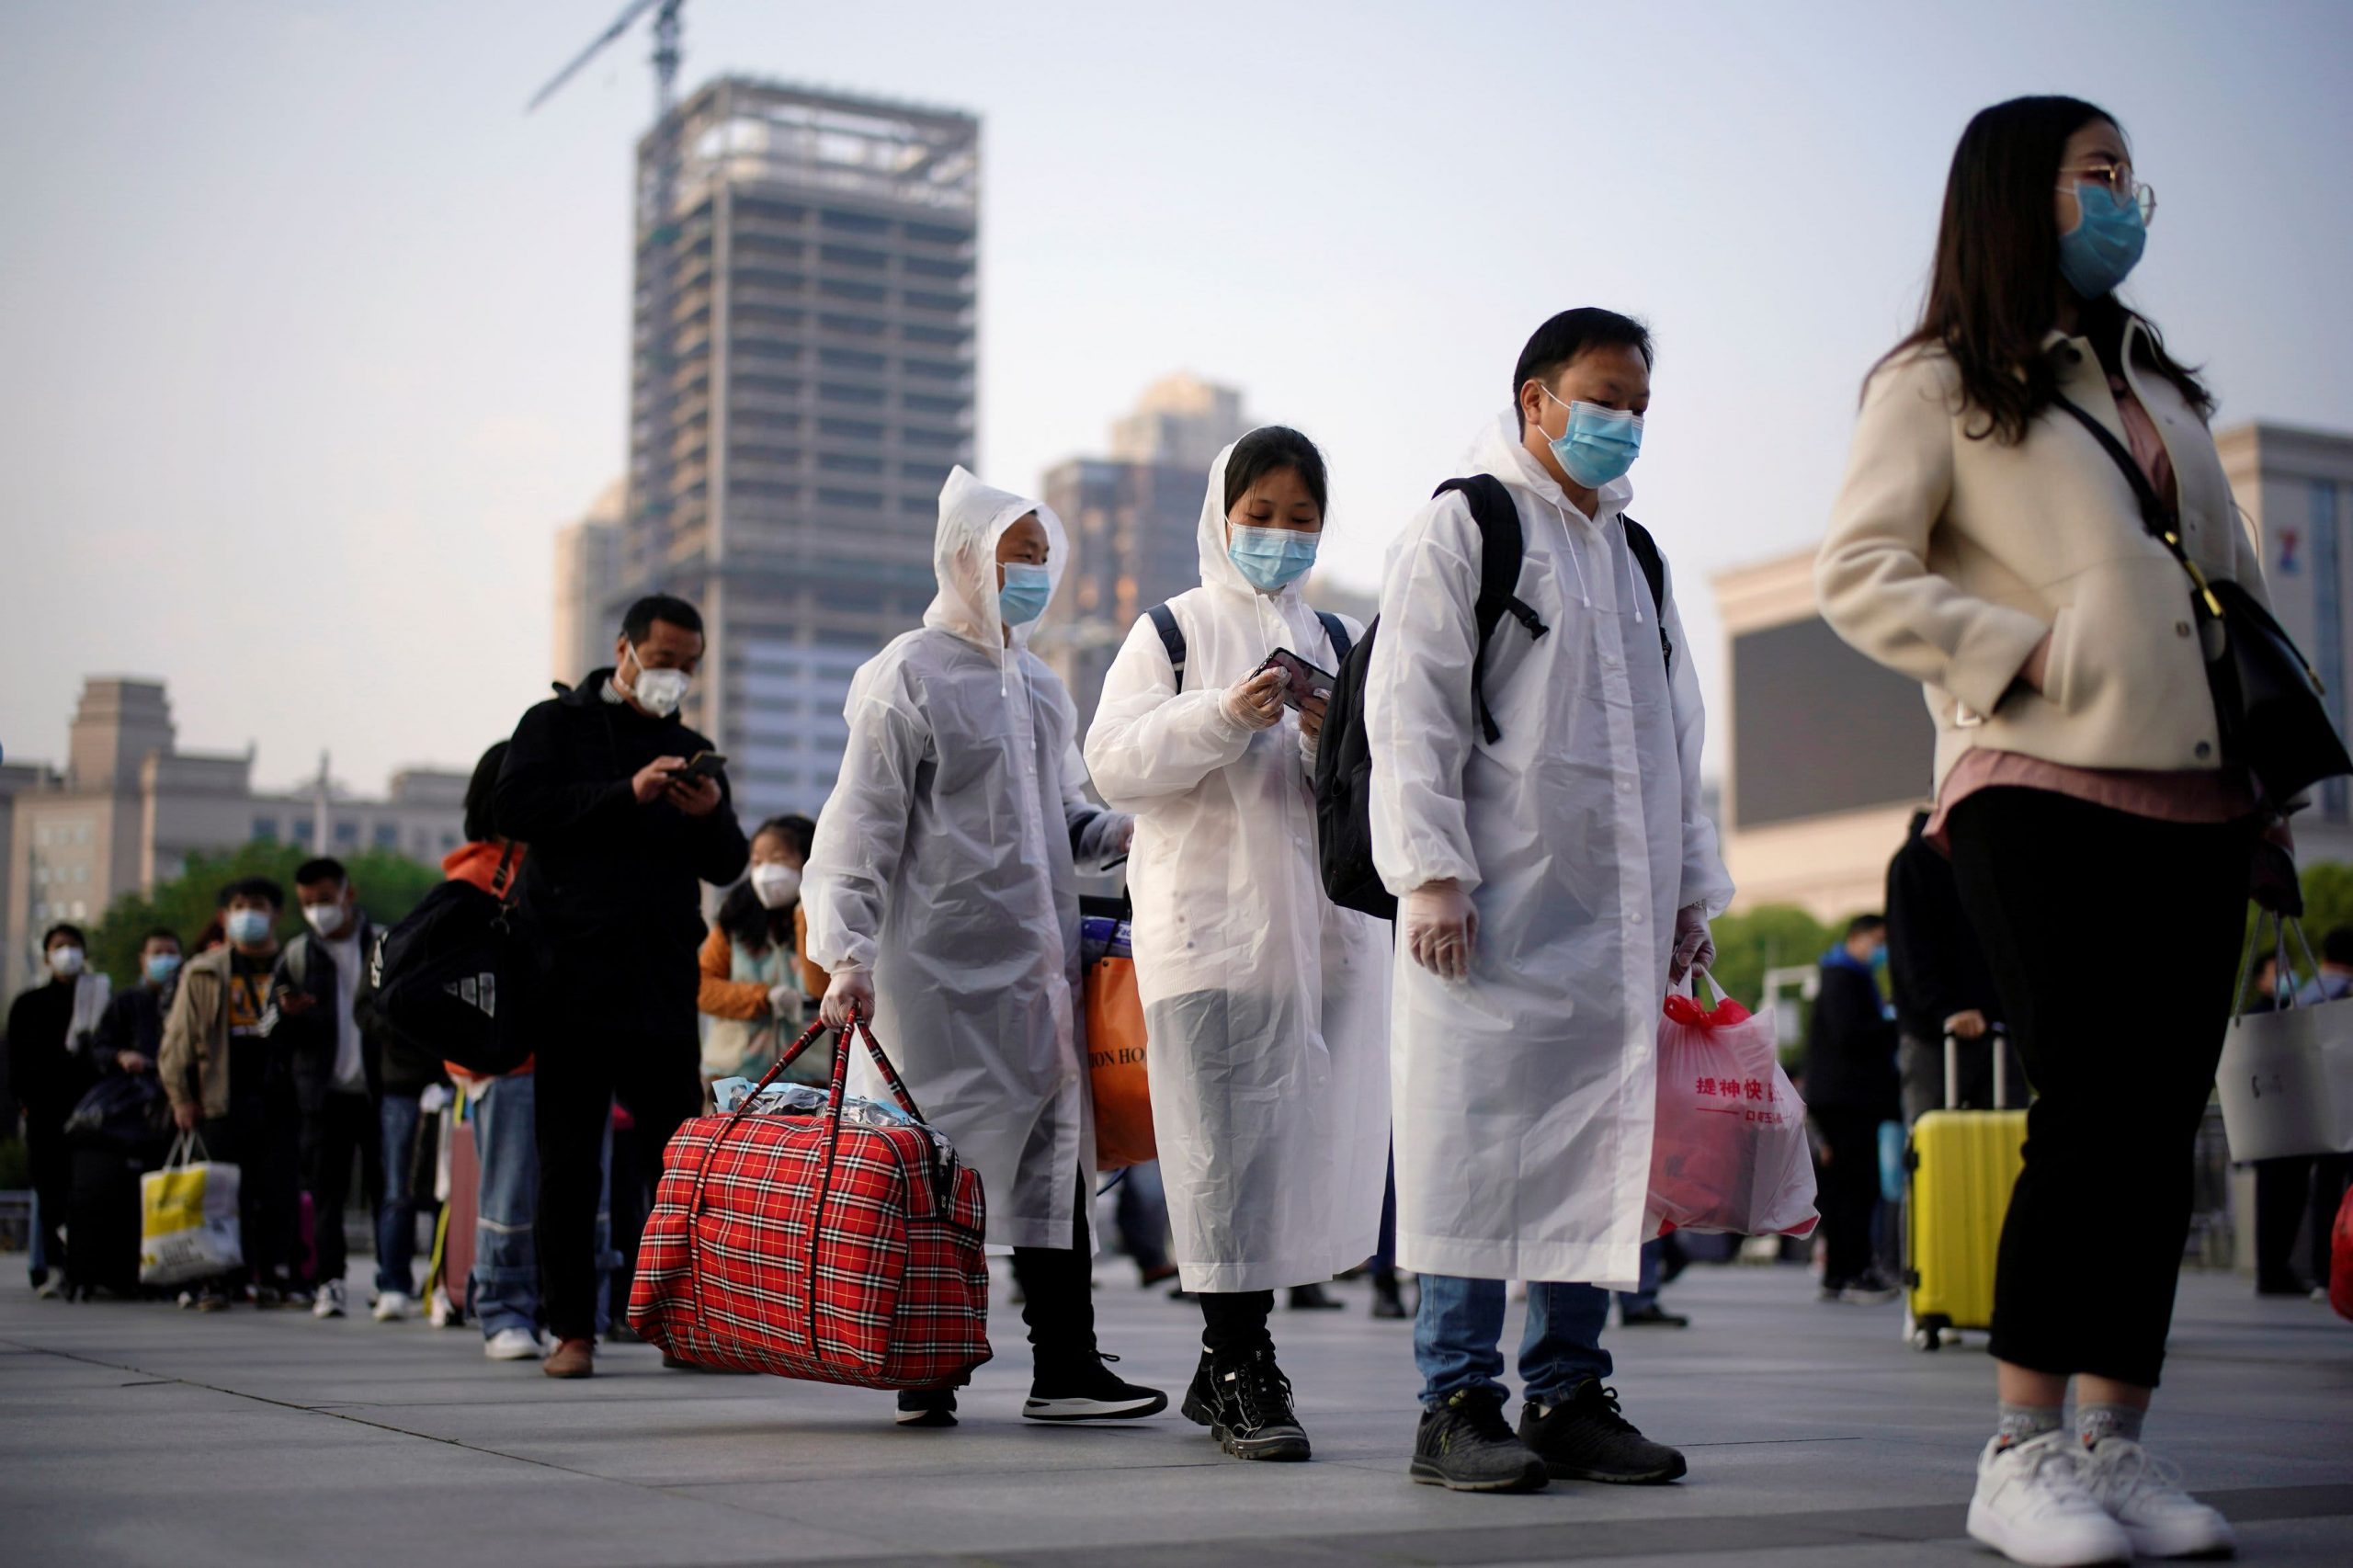 Κίνα: Ανησυχίες και μέτρα περιορισμού στη χώρα καθώς η παραλλαγή Δέλτα εξαπλώνεται